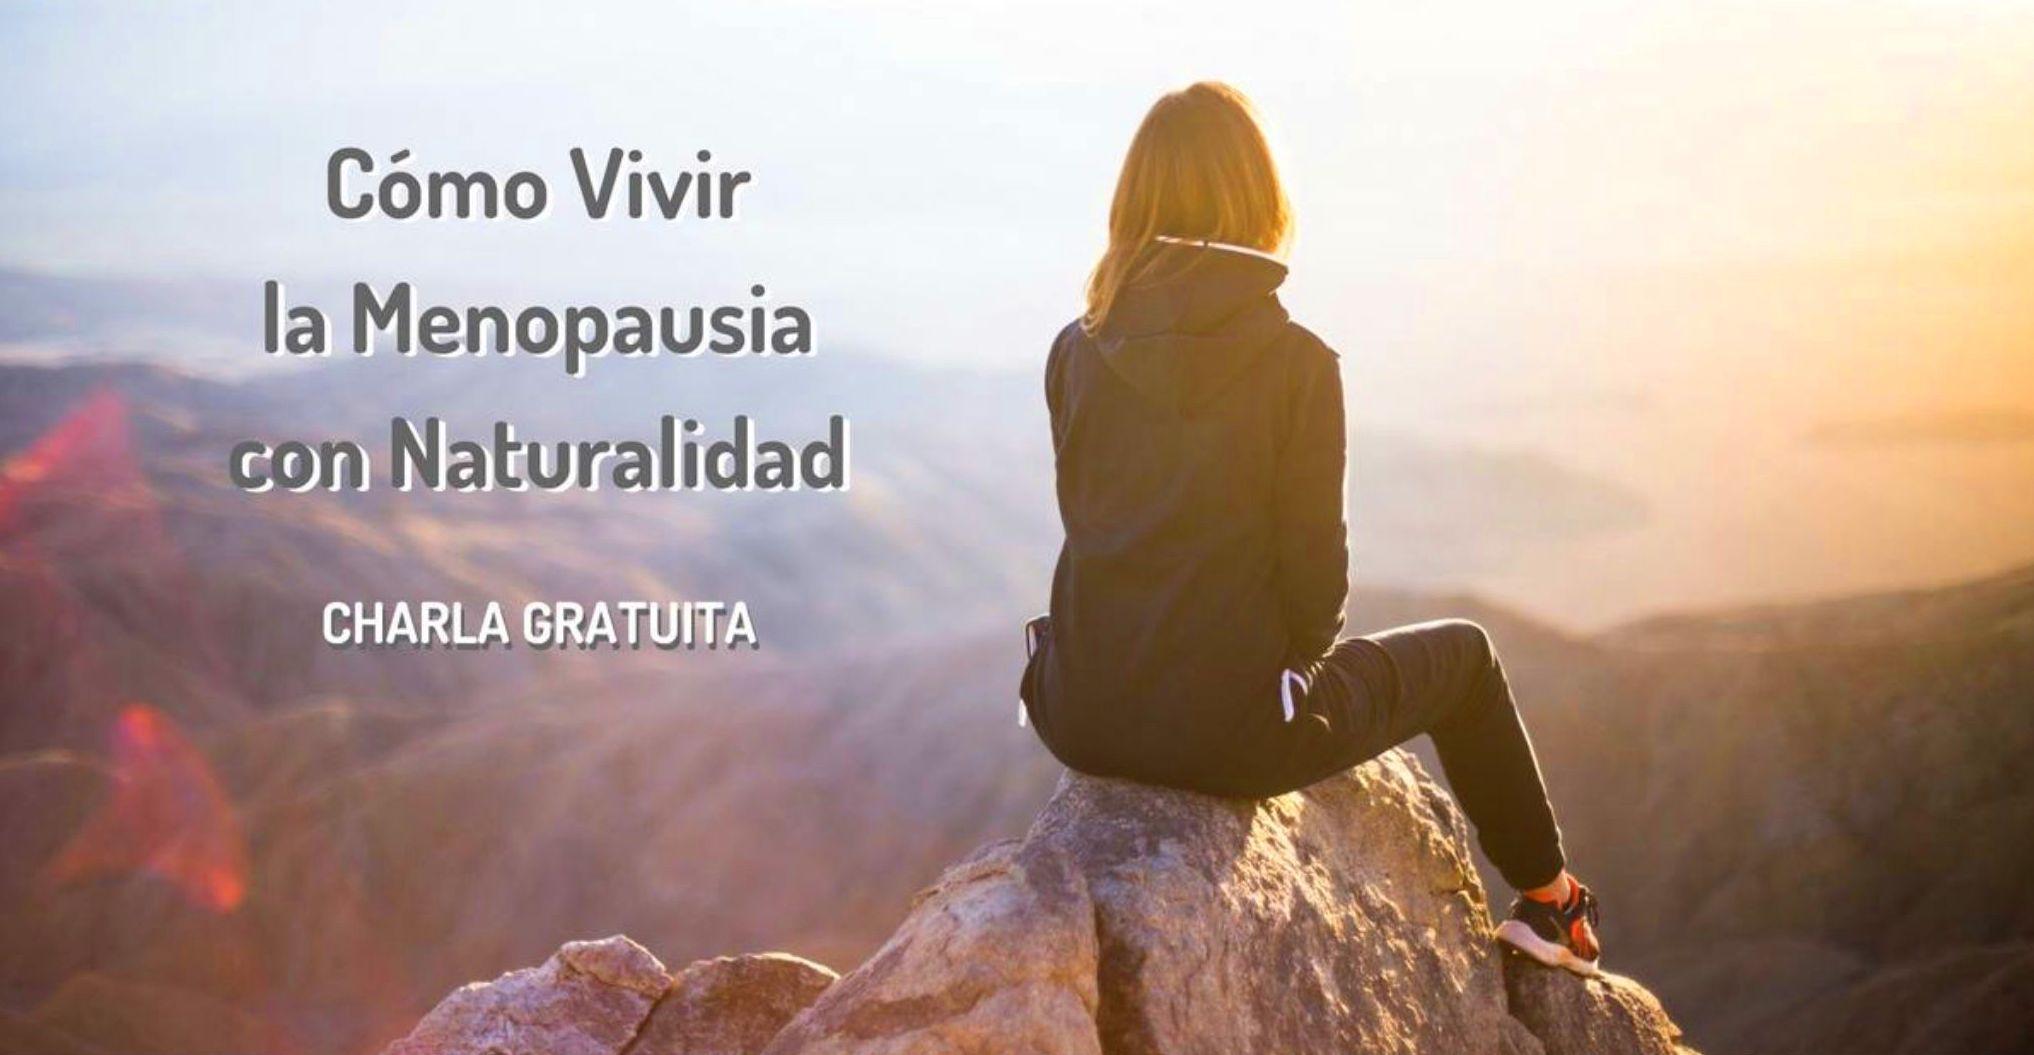 """Charla gratuita """" Como vivir la Menopausia con Naturalidad """" próximo 04/09 a las 18.30h"""